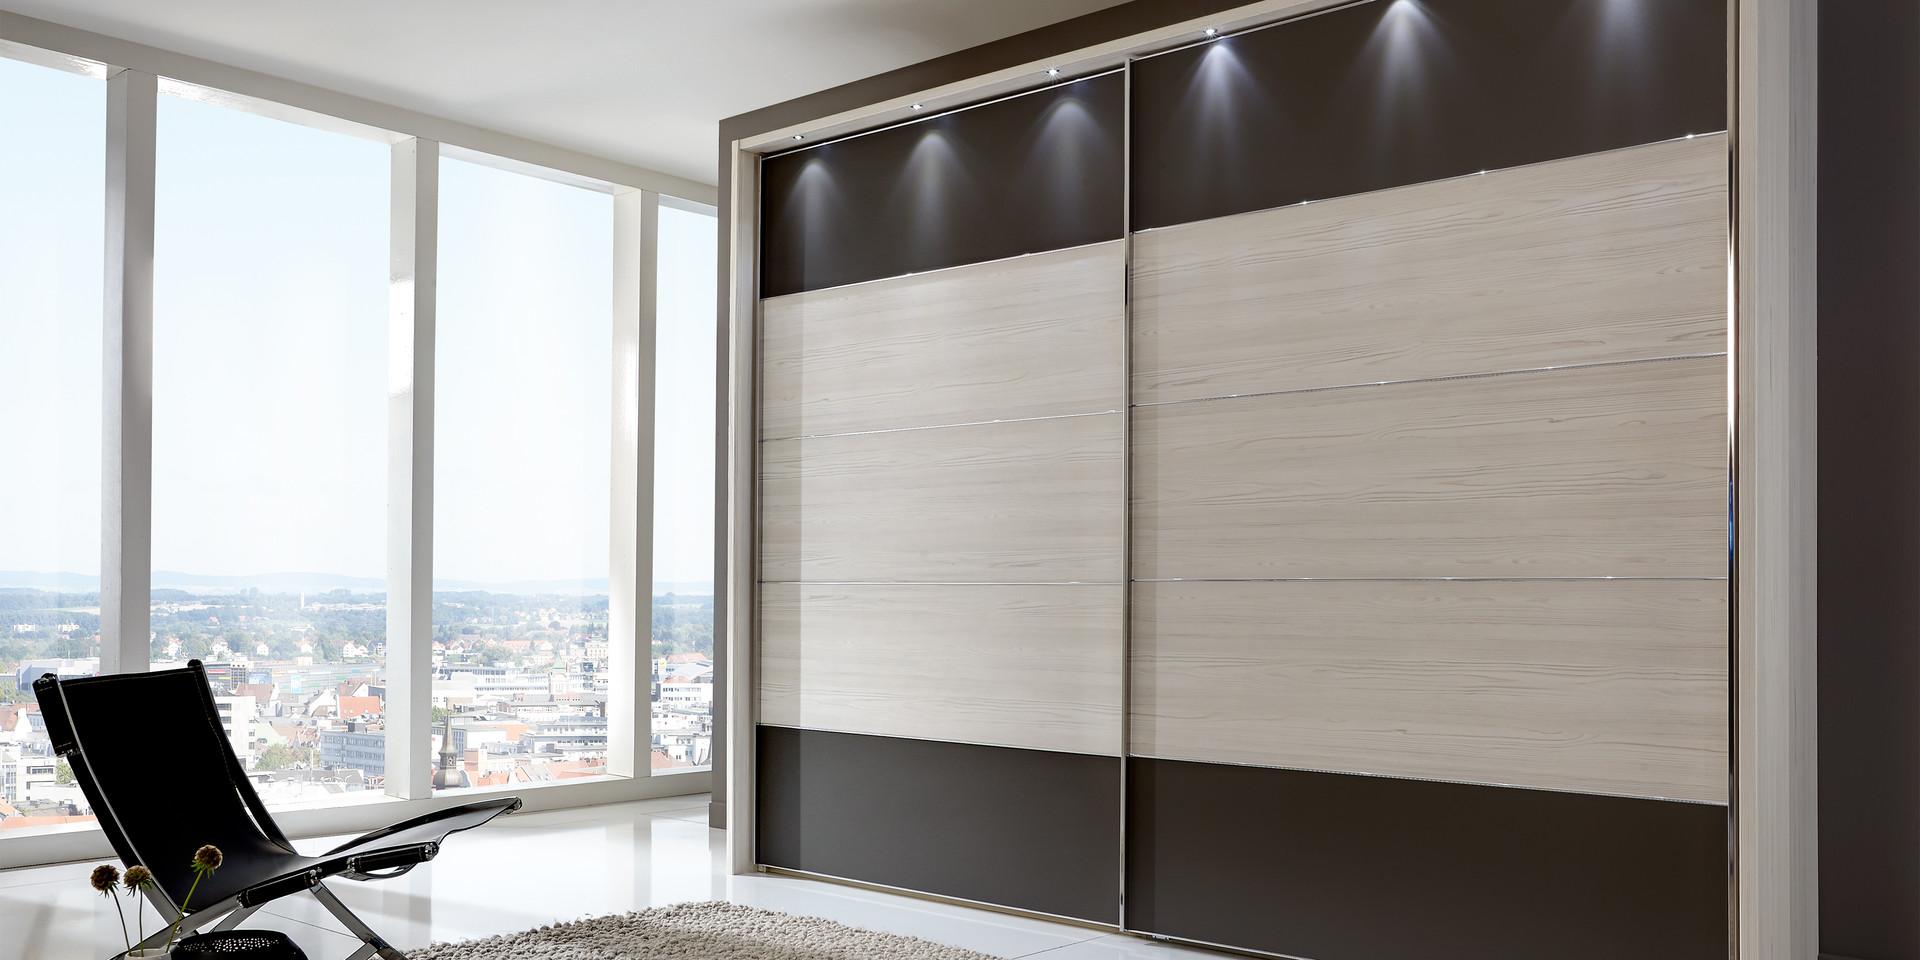 r ckw nde k che. Black Bedroom Furniture Sets. Home Design Ideas